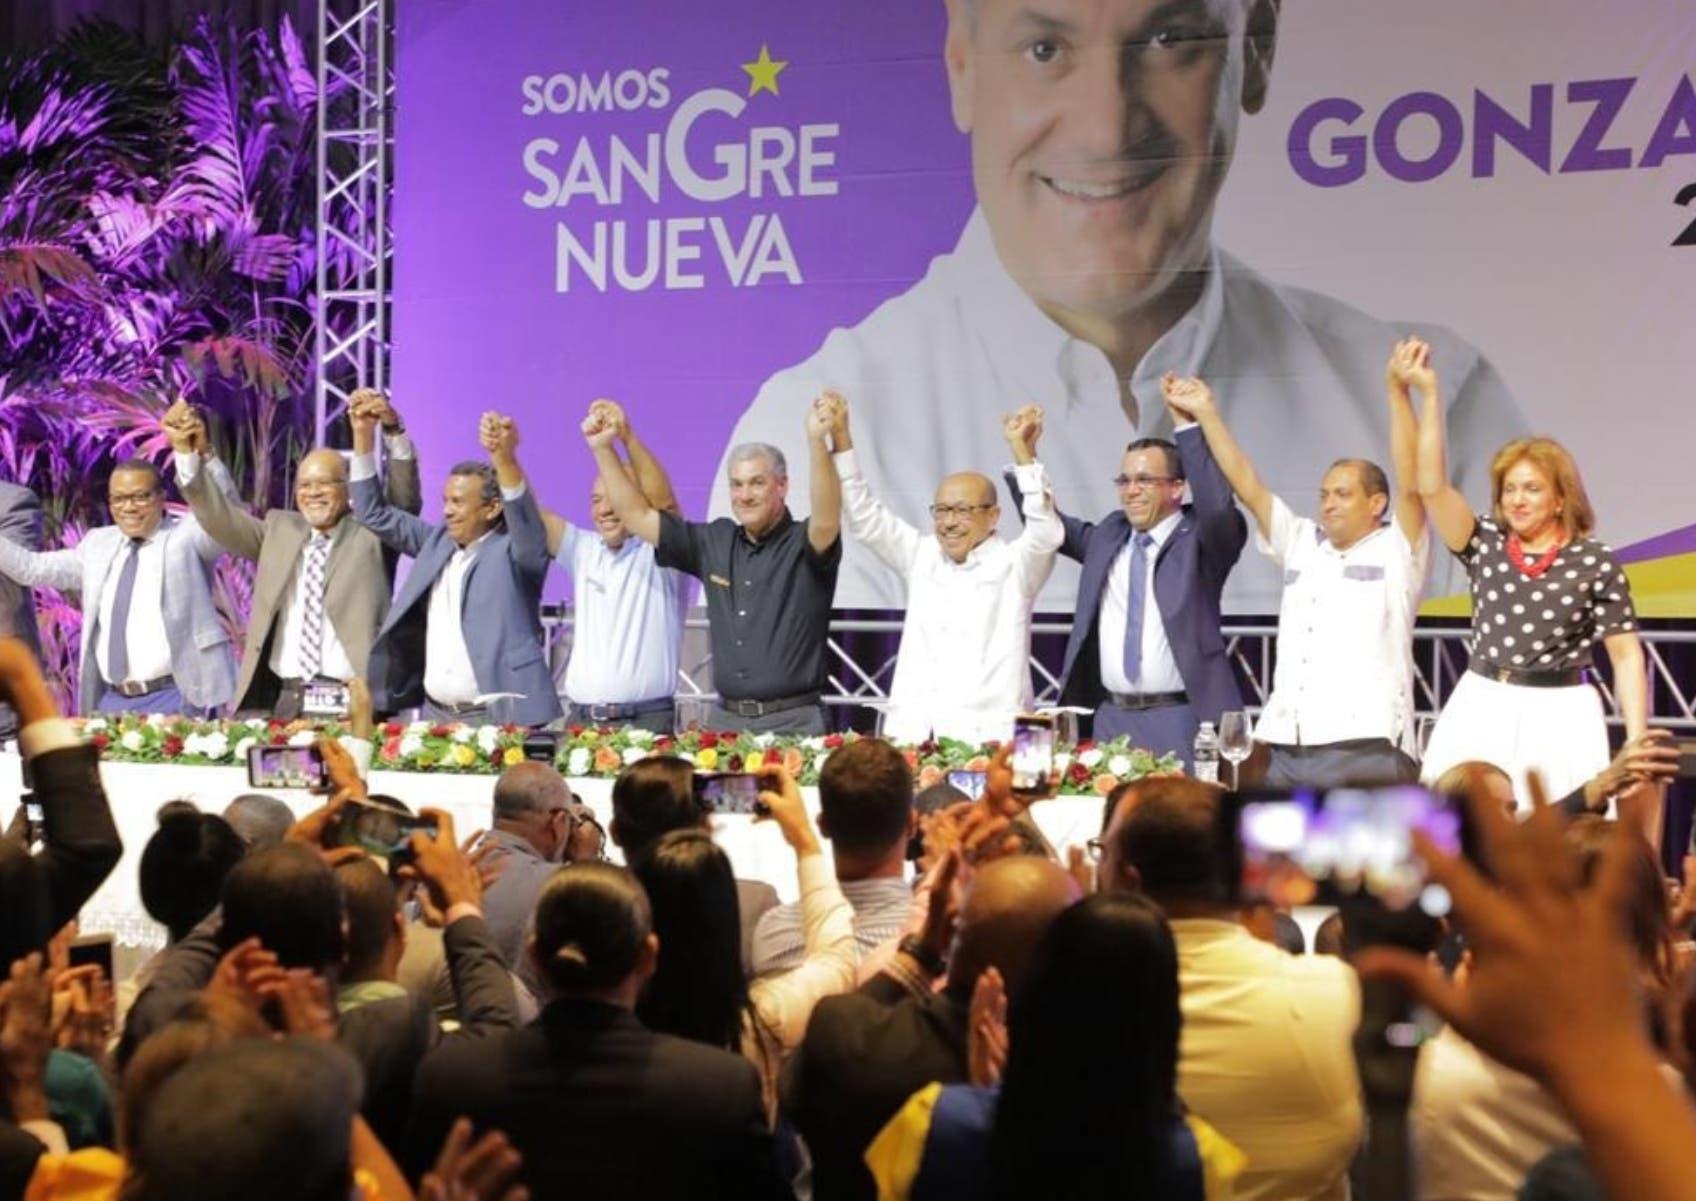 Gabinete casi en pleno se integra a impulsar precandidatura de Gonzalo